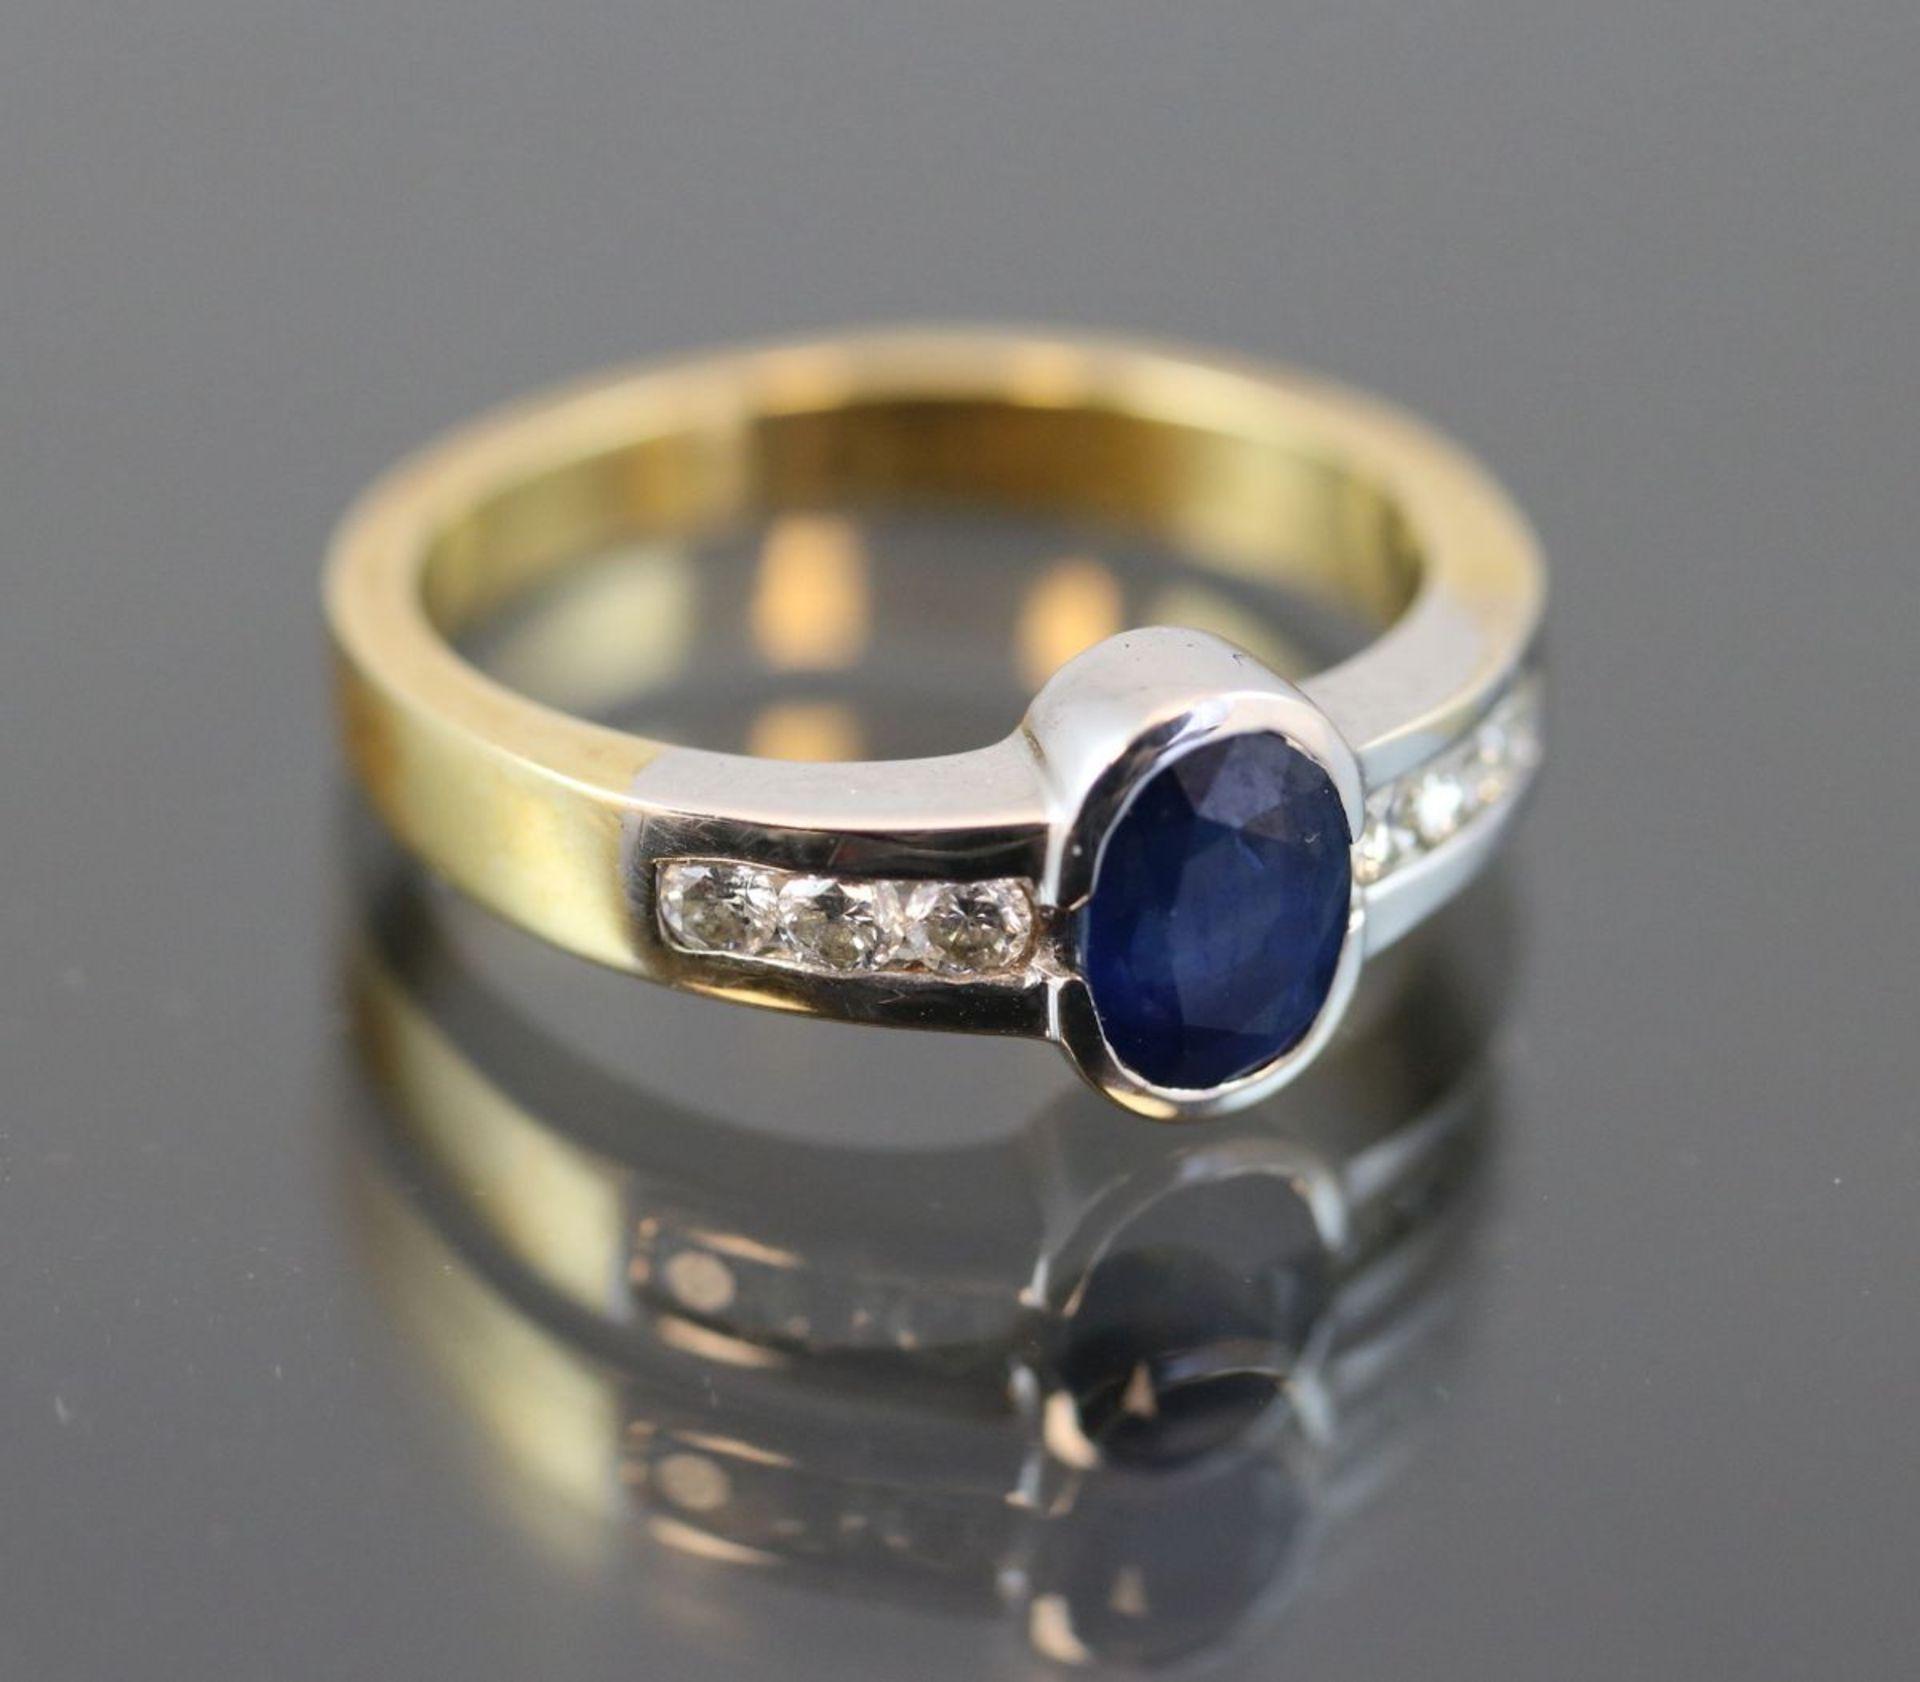 Saphir-Brillant-Ring, 750 Gold5,9 Gramm 6 Brillanten, 0,50 ct., tw/vsi. Ringgröße: 57Schätzpreis: